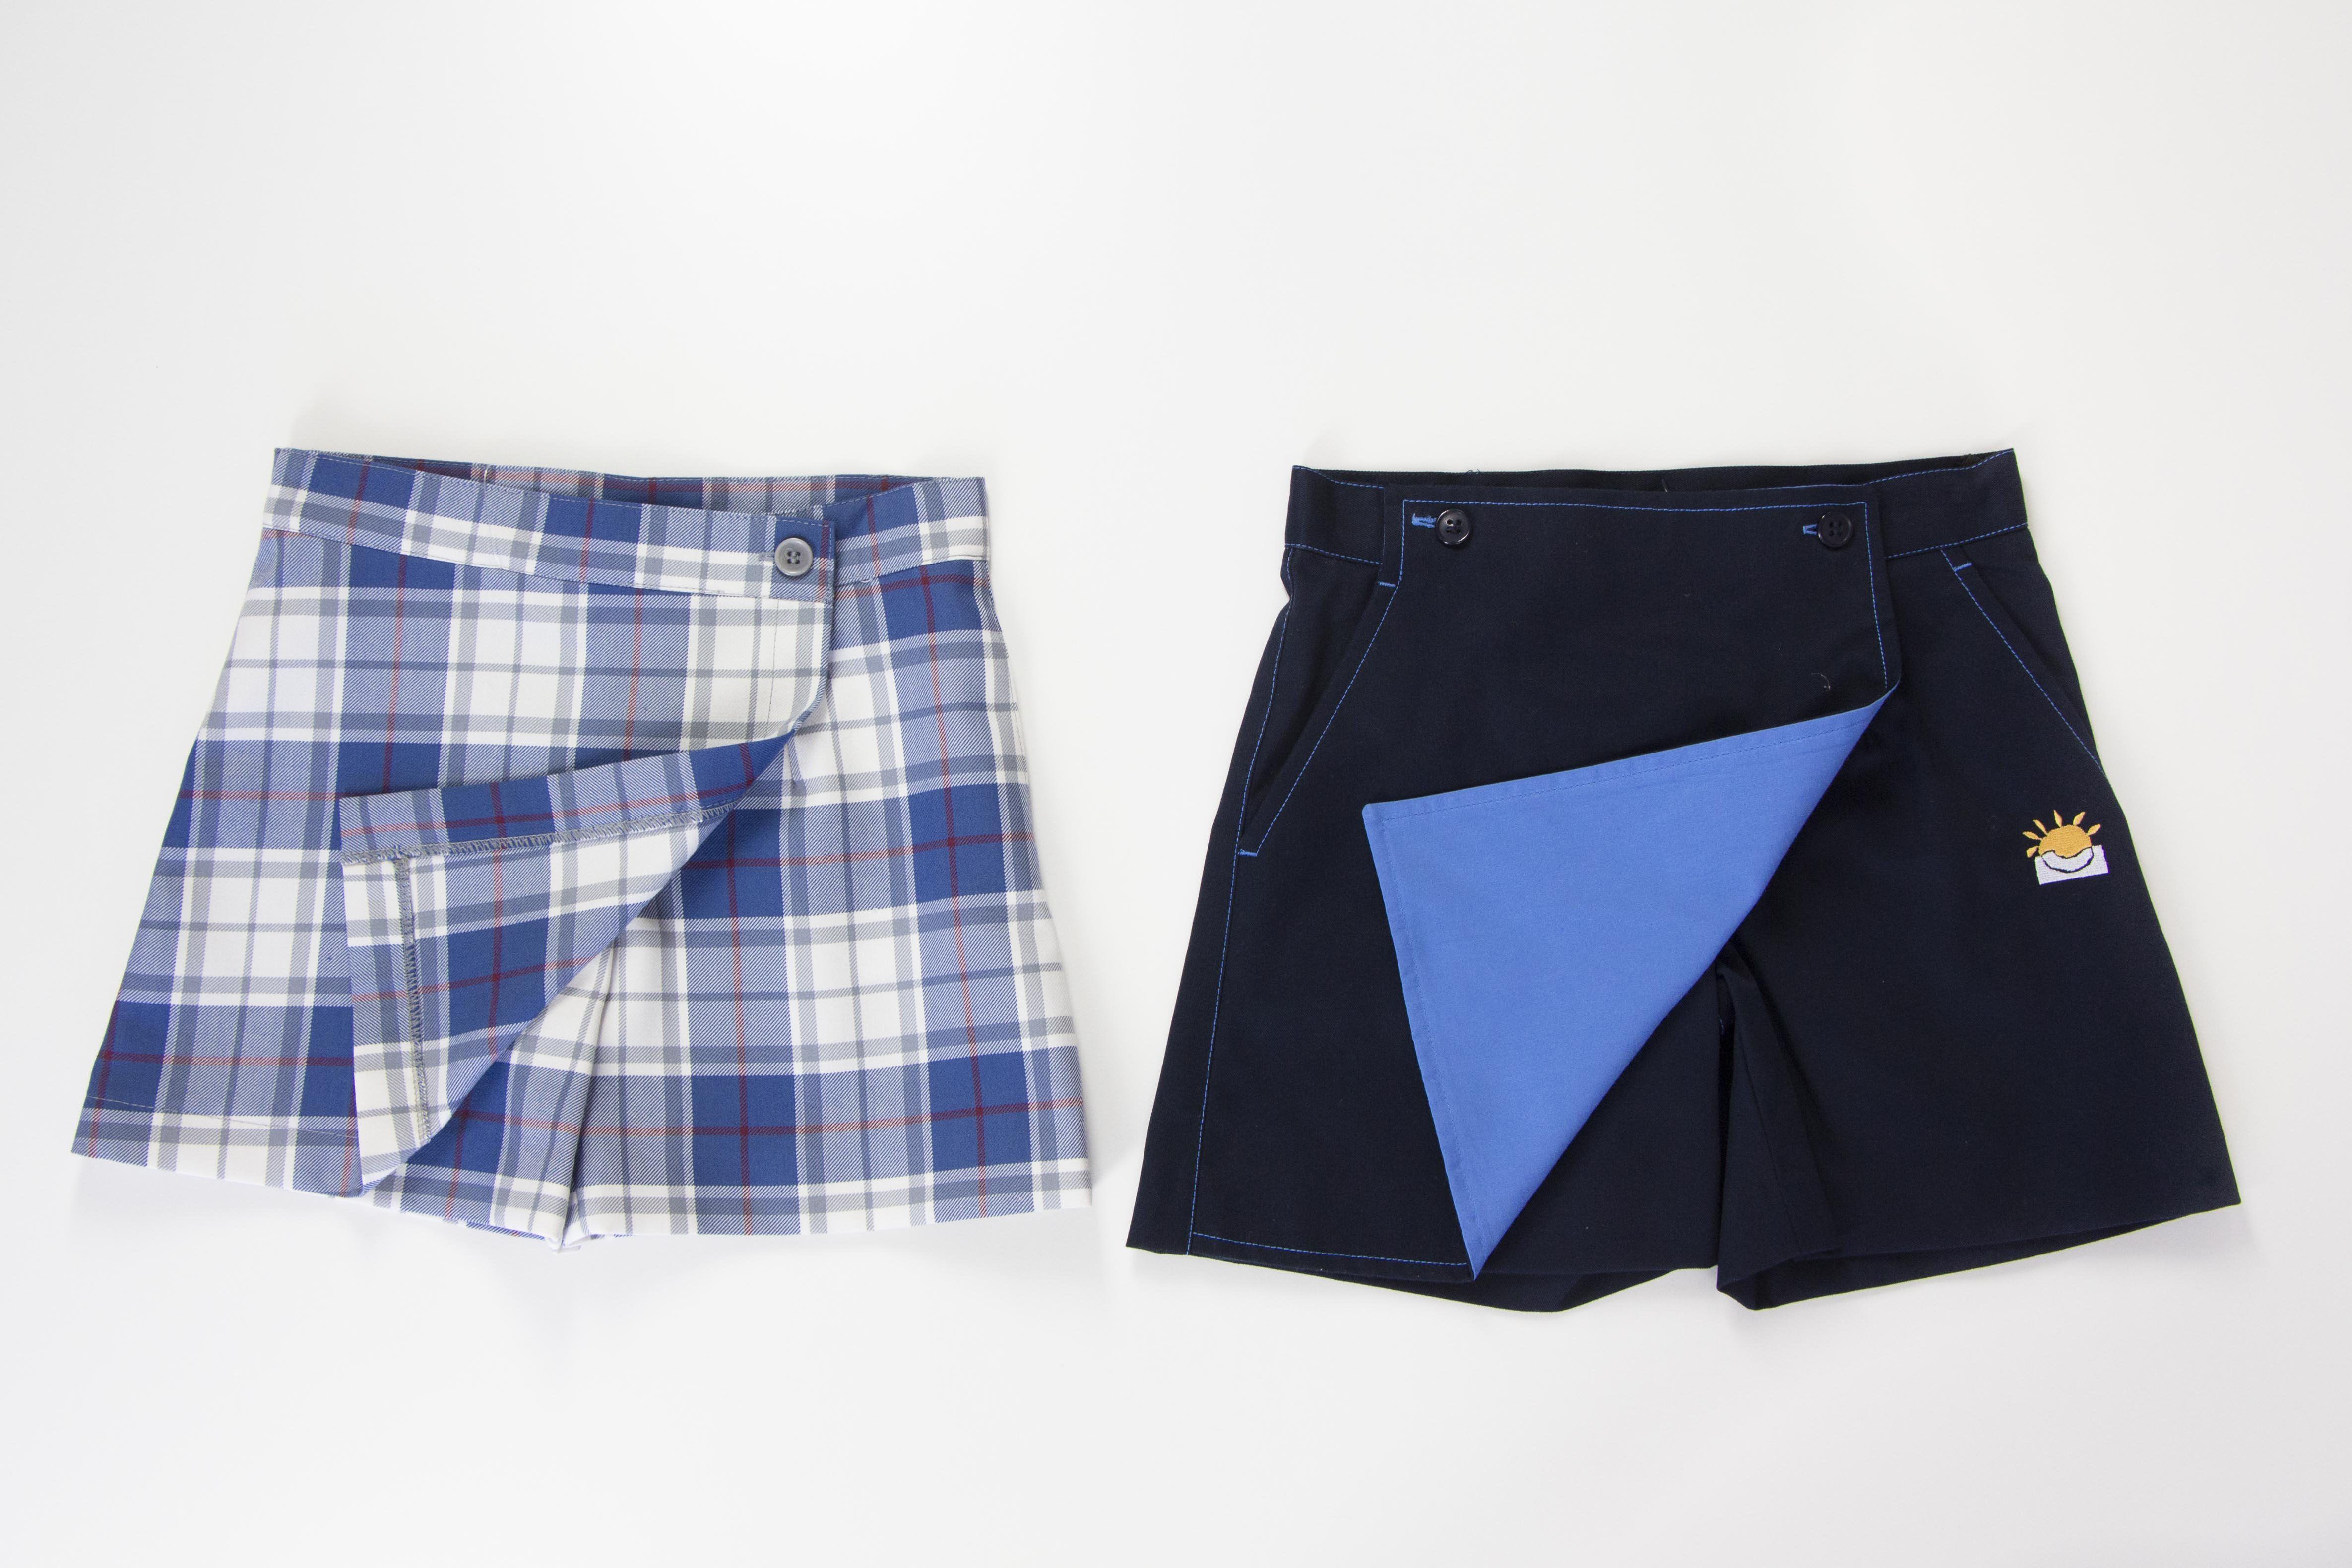 14a2c9156f152 La falda pantalón de Camacho Uniformes Escolares otorga una mayor movilidad  y comodidad a las niñas